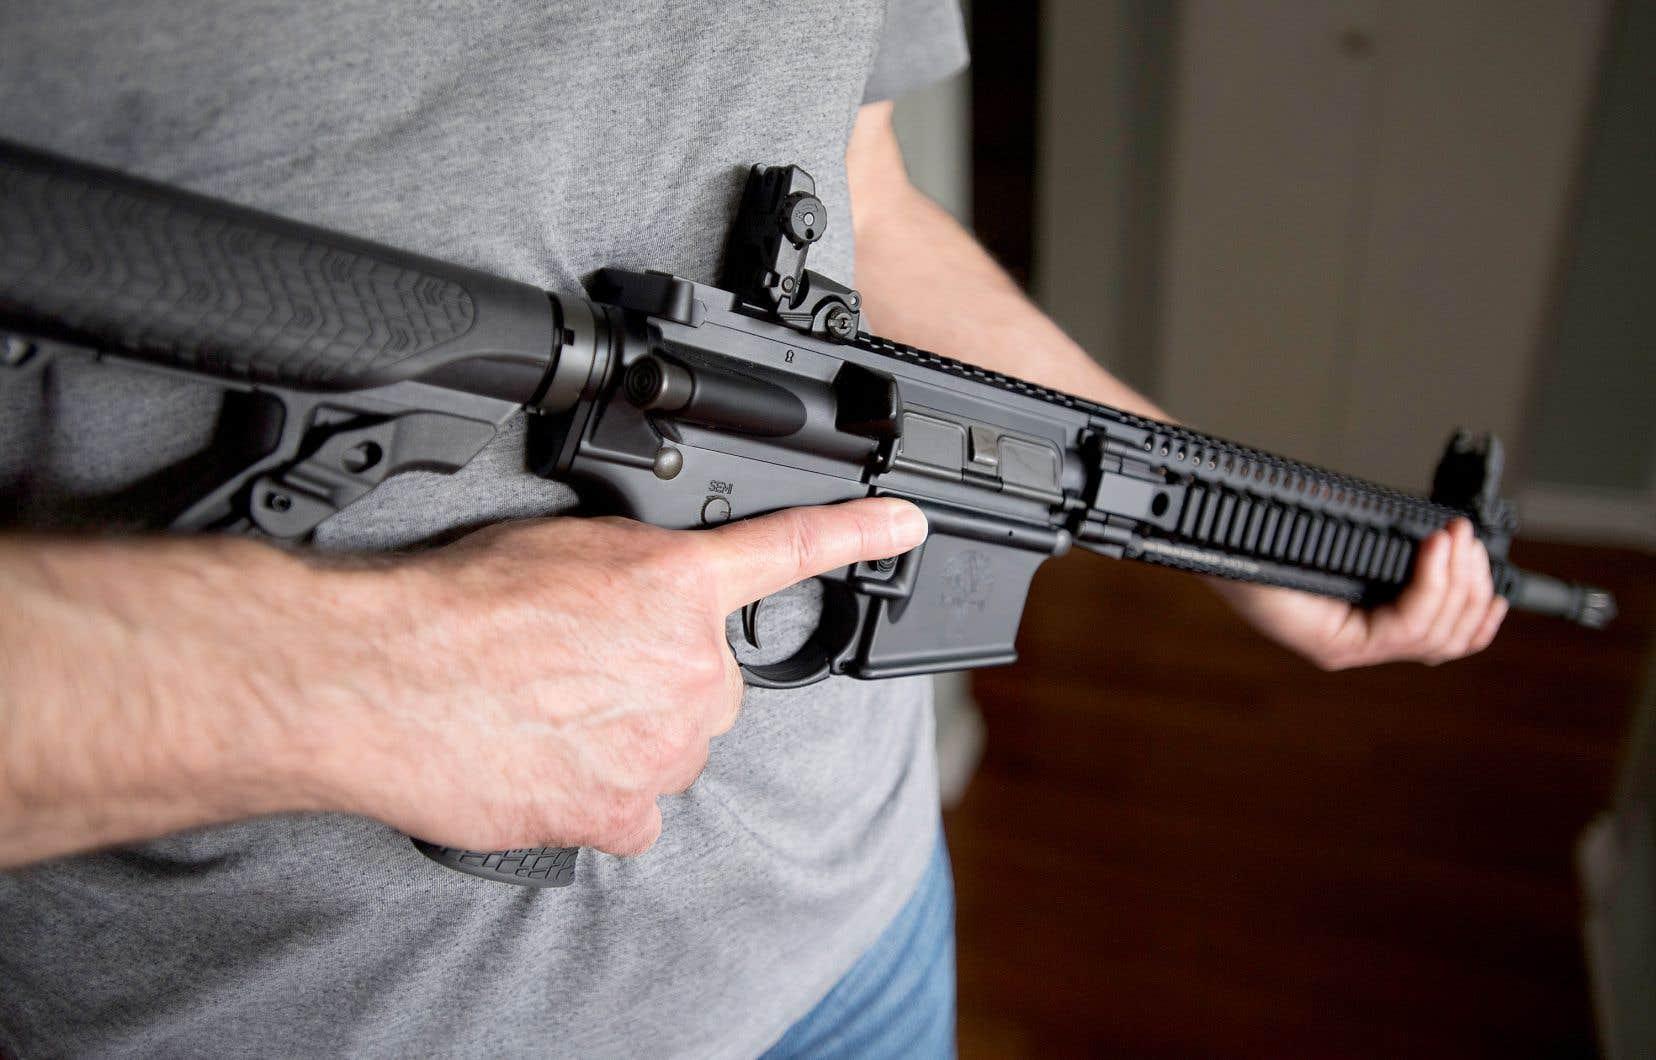 Le projet de loi C-21 obligera les propriétaires d'une des 1500 armes d'assaut interdites par Ottawa en mai dernier, comme l'AR-15, à obtenir un permis de possession, à enregistrer leur arme et à se conformer à une série de mesures qui les rendent essentiellement inutilisables.